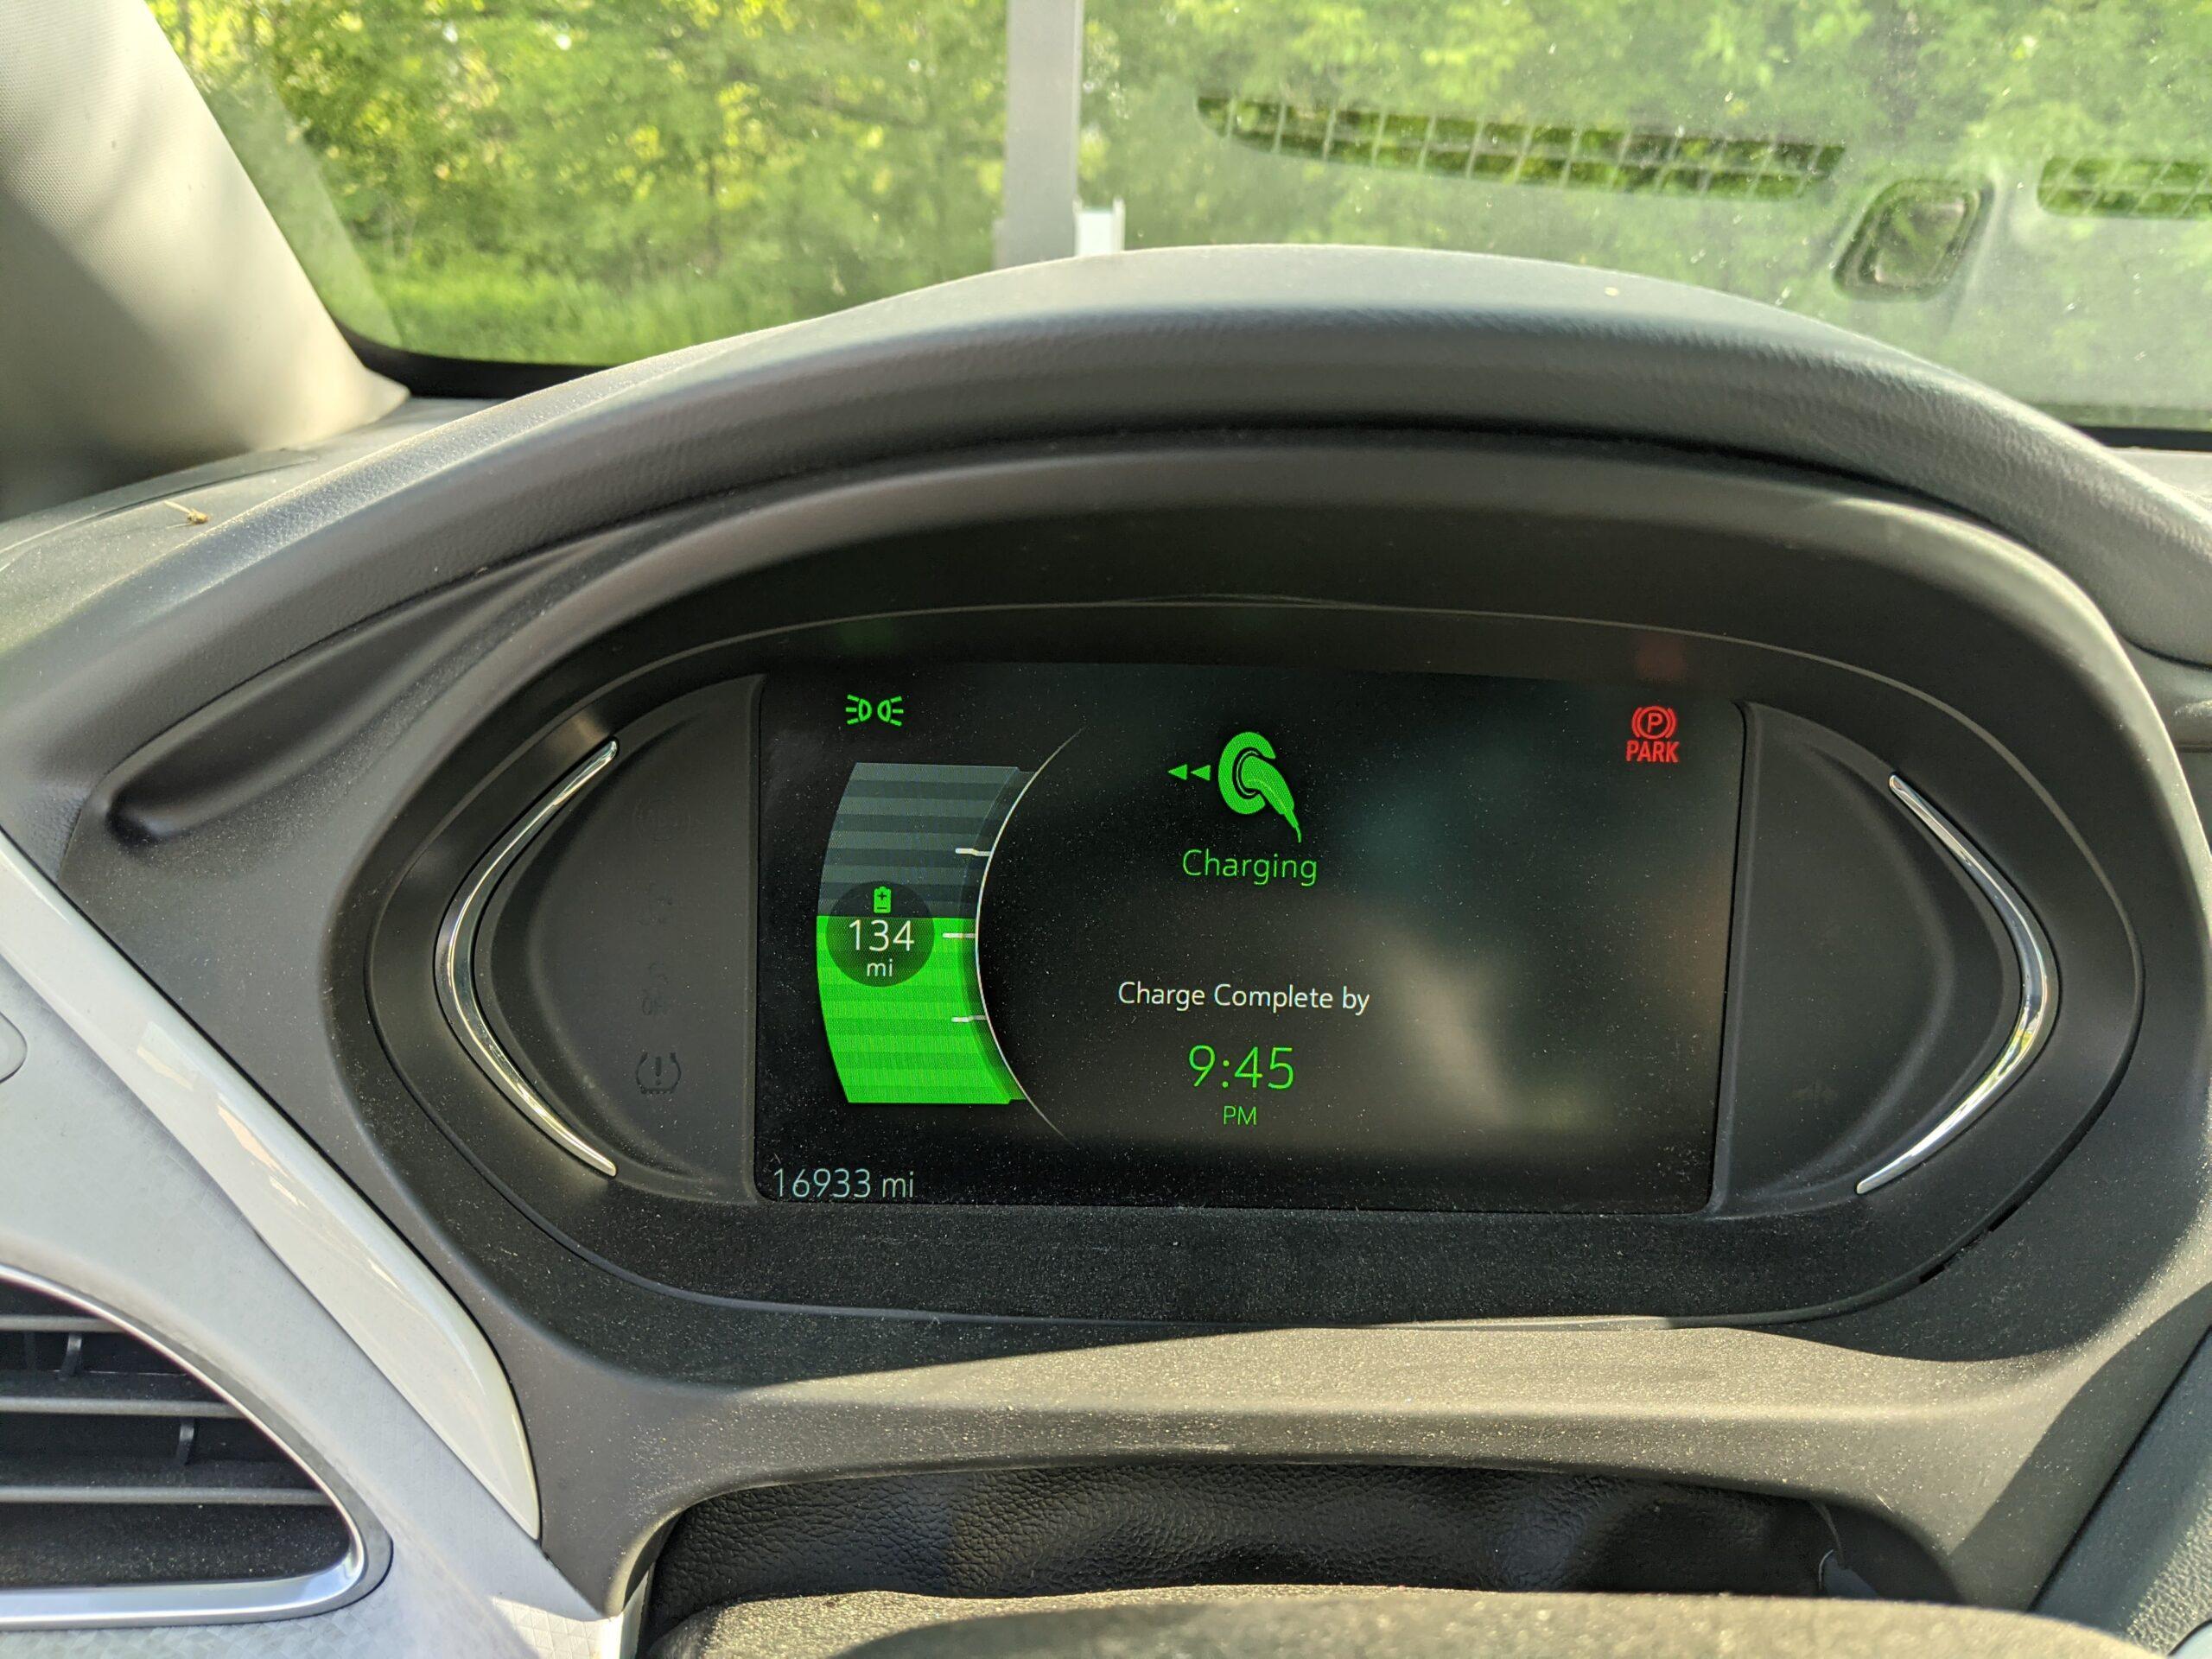 EV Trip Charge Time Estimate